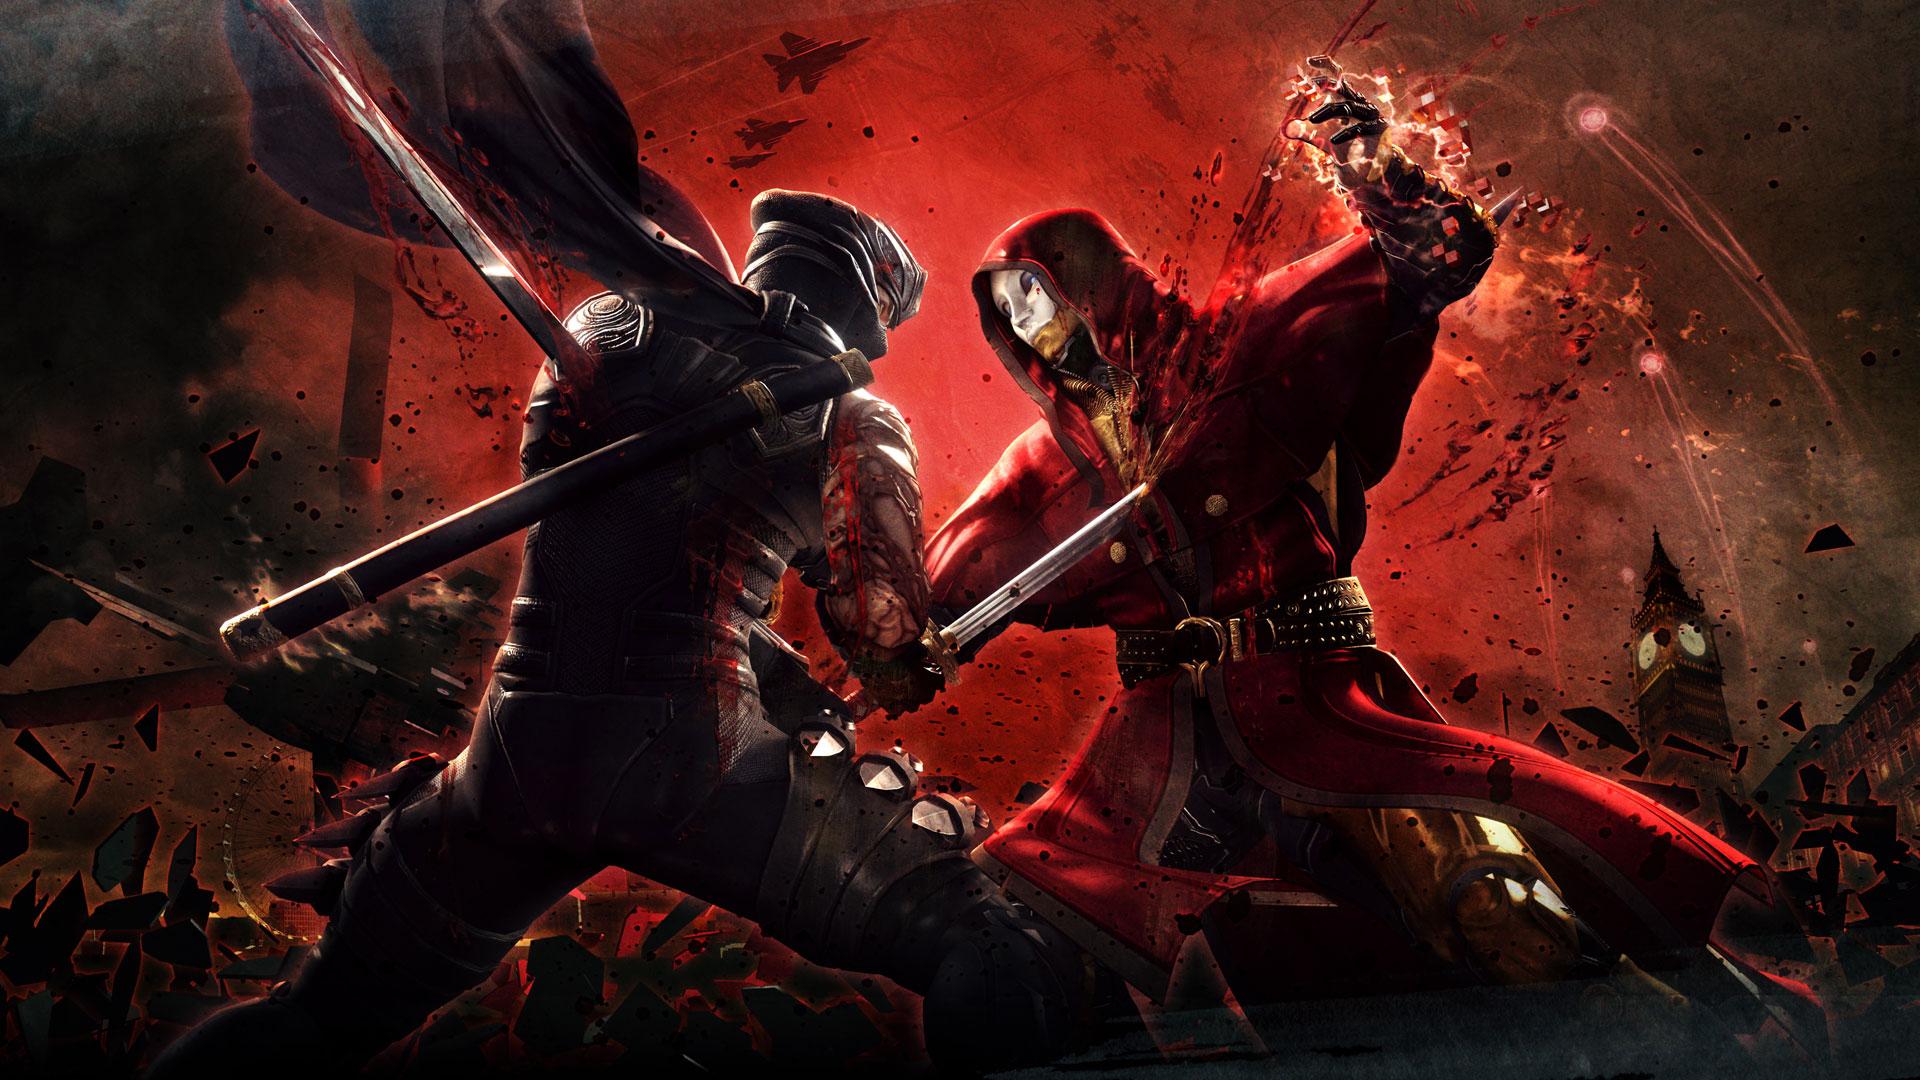 IGRE KOJE NAS OCEKUJU U 2012 Ninja-gaiden-3-wallpaper1